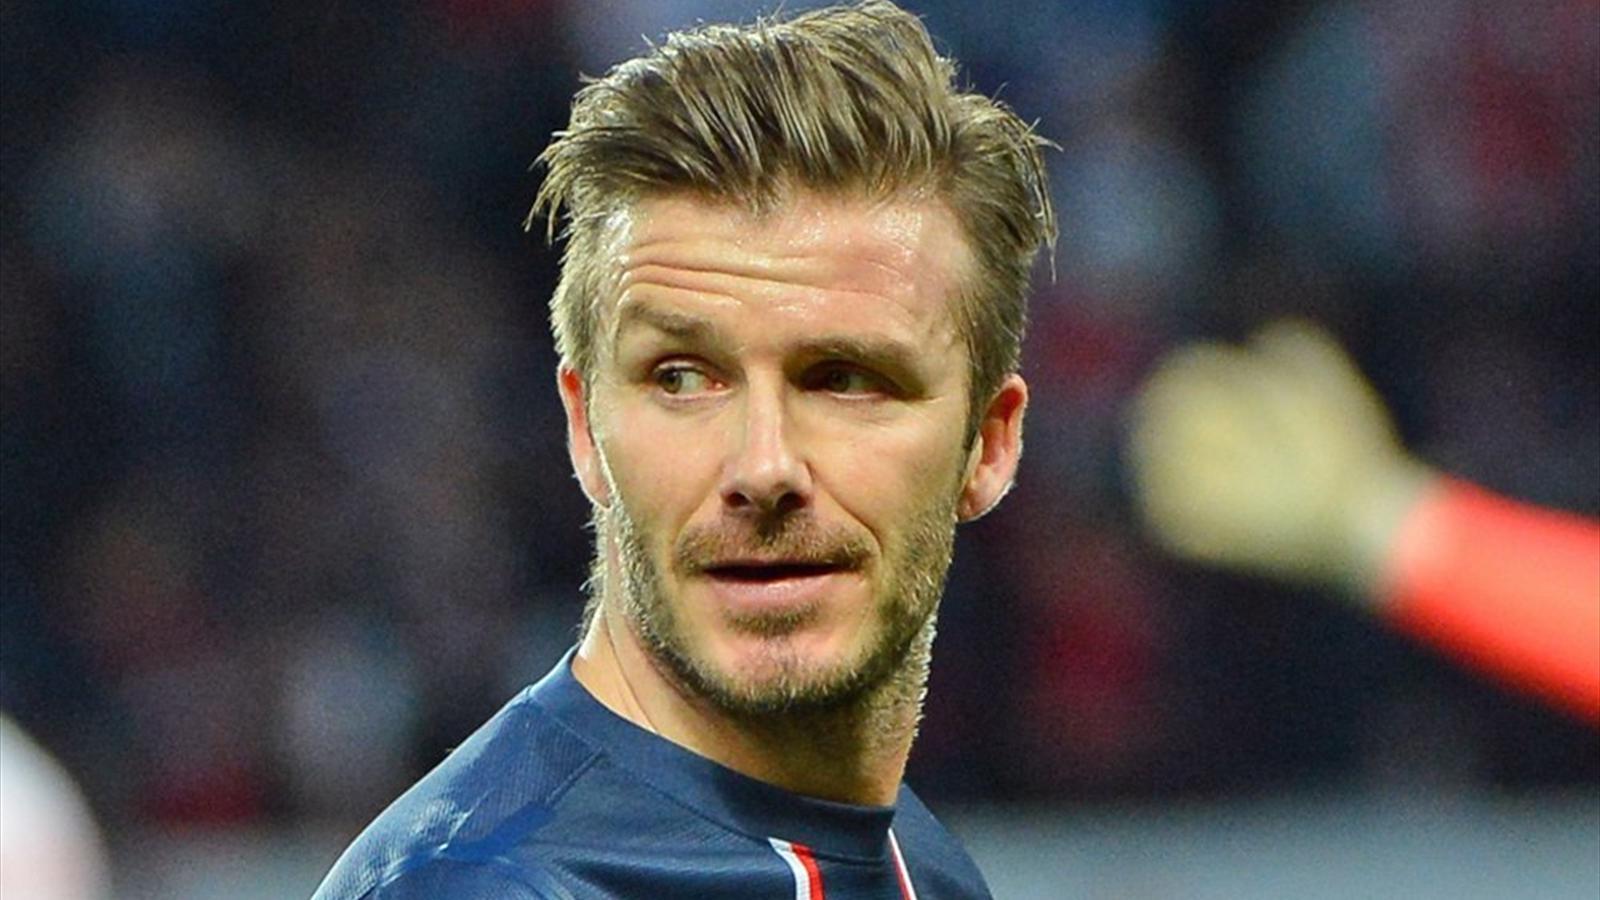 David Beckham Haircut 2013 Back PSG-Barça: David ...